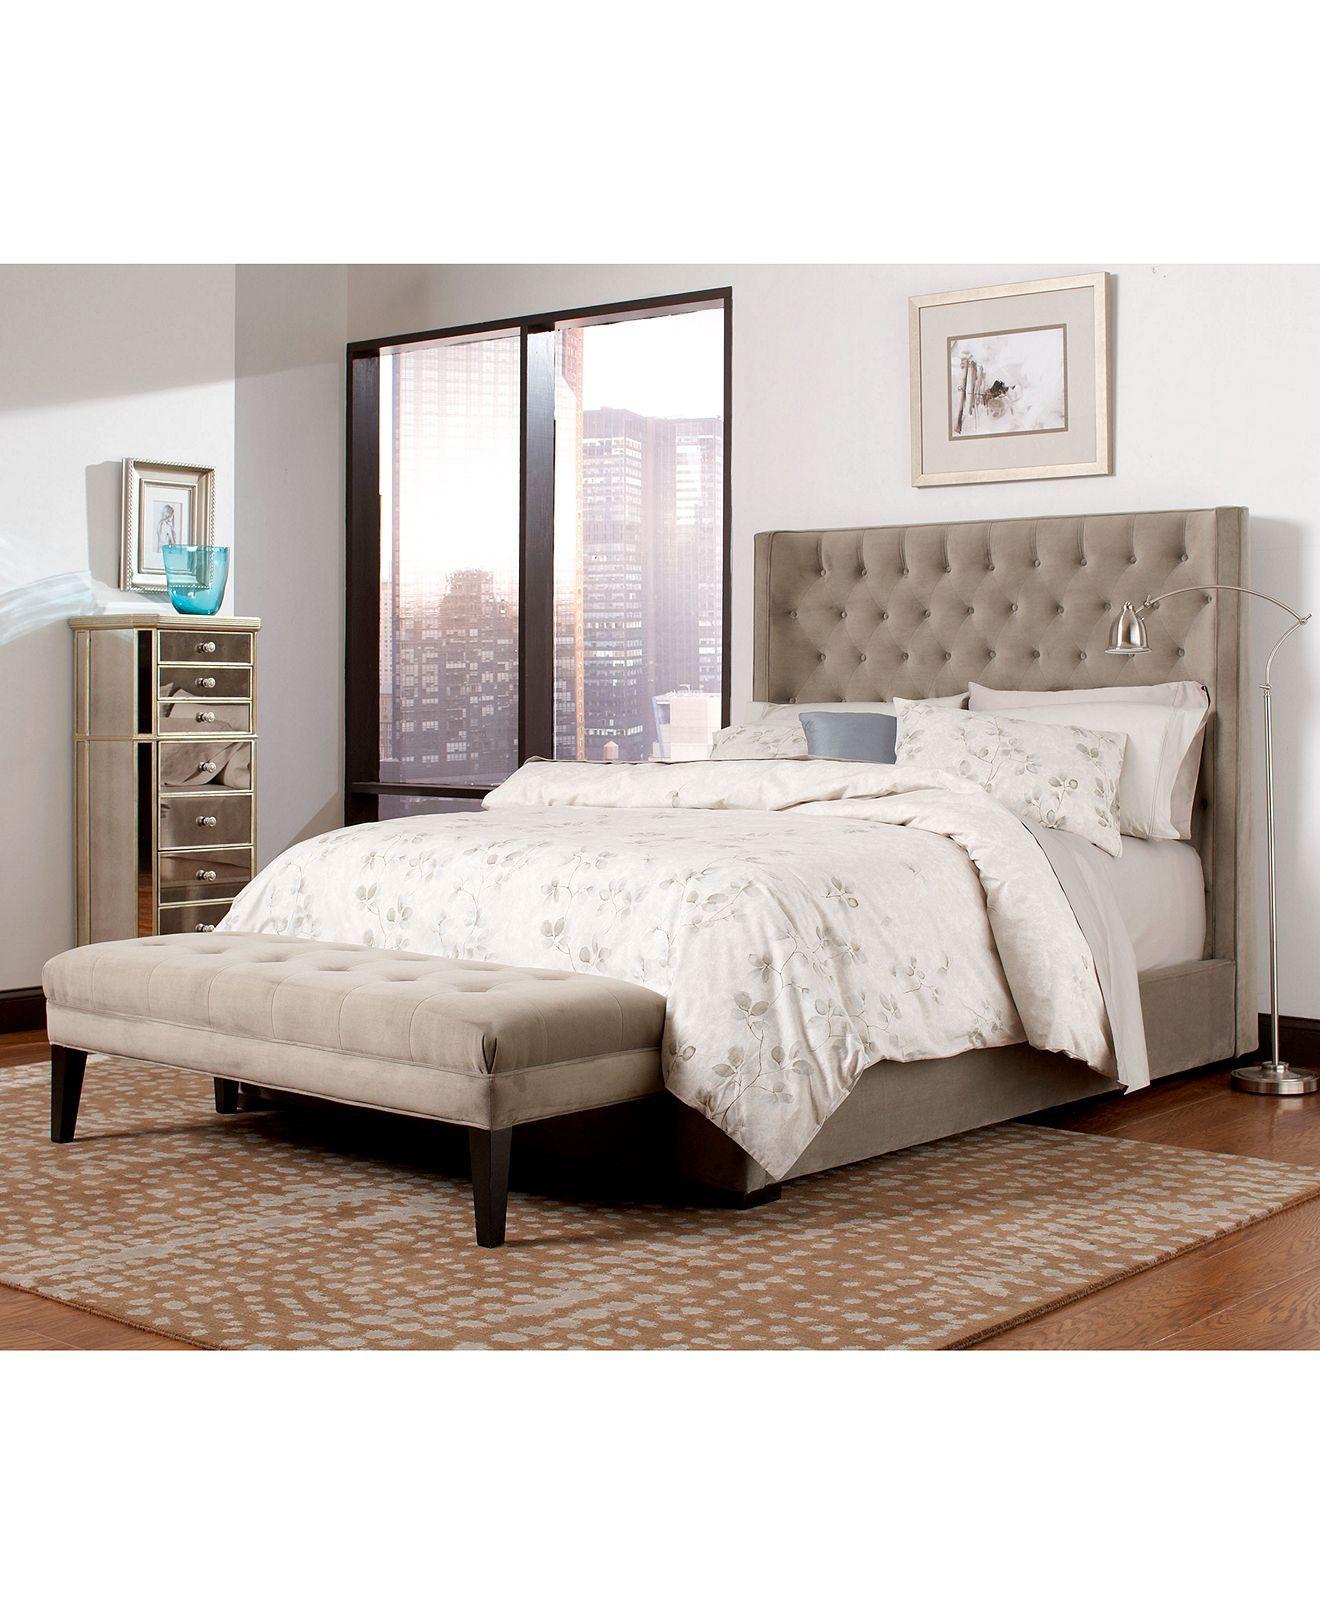 New Macys Bedroom Sets Design